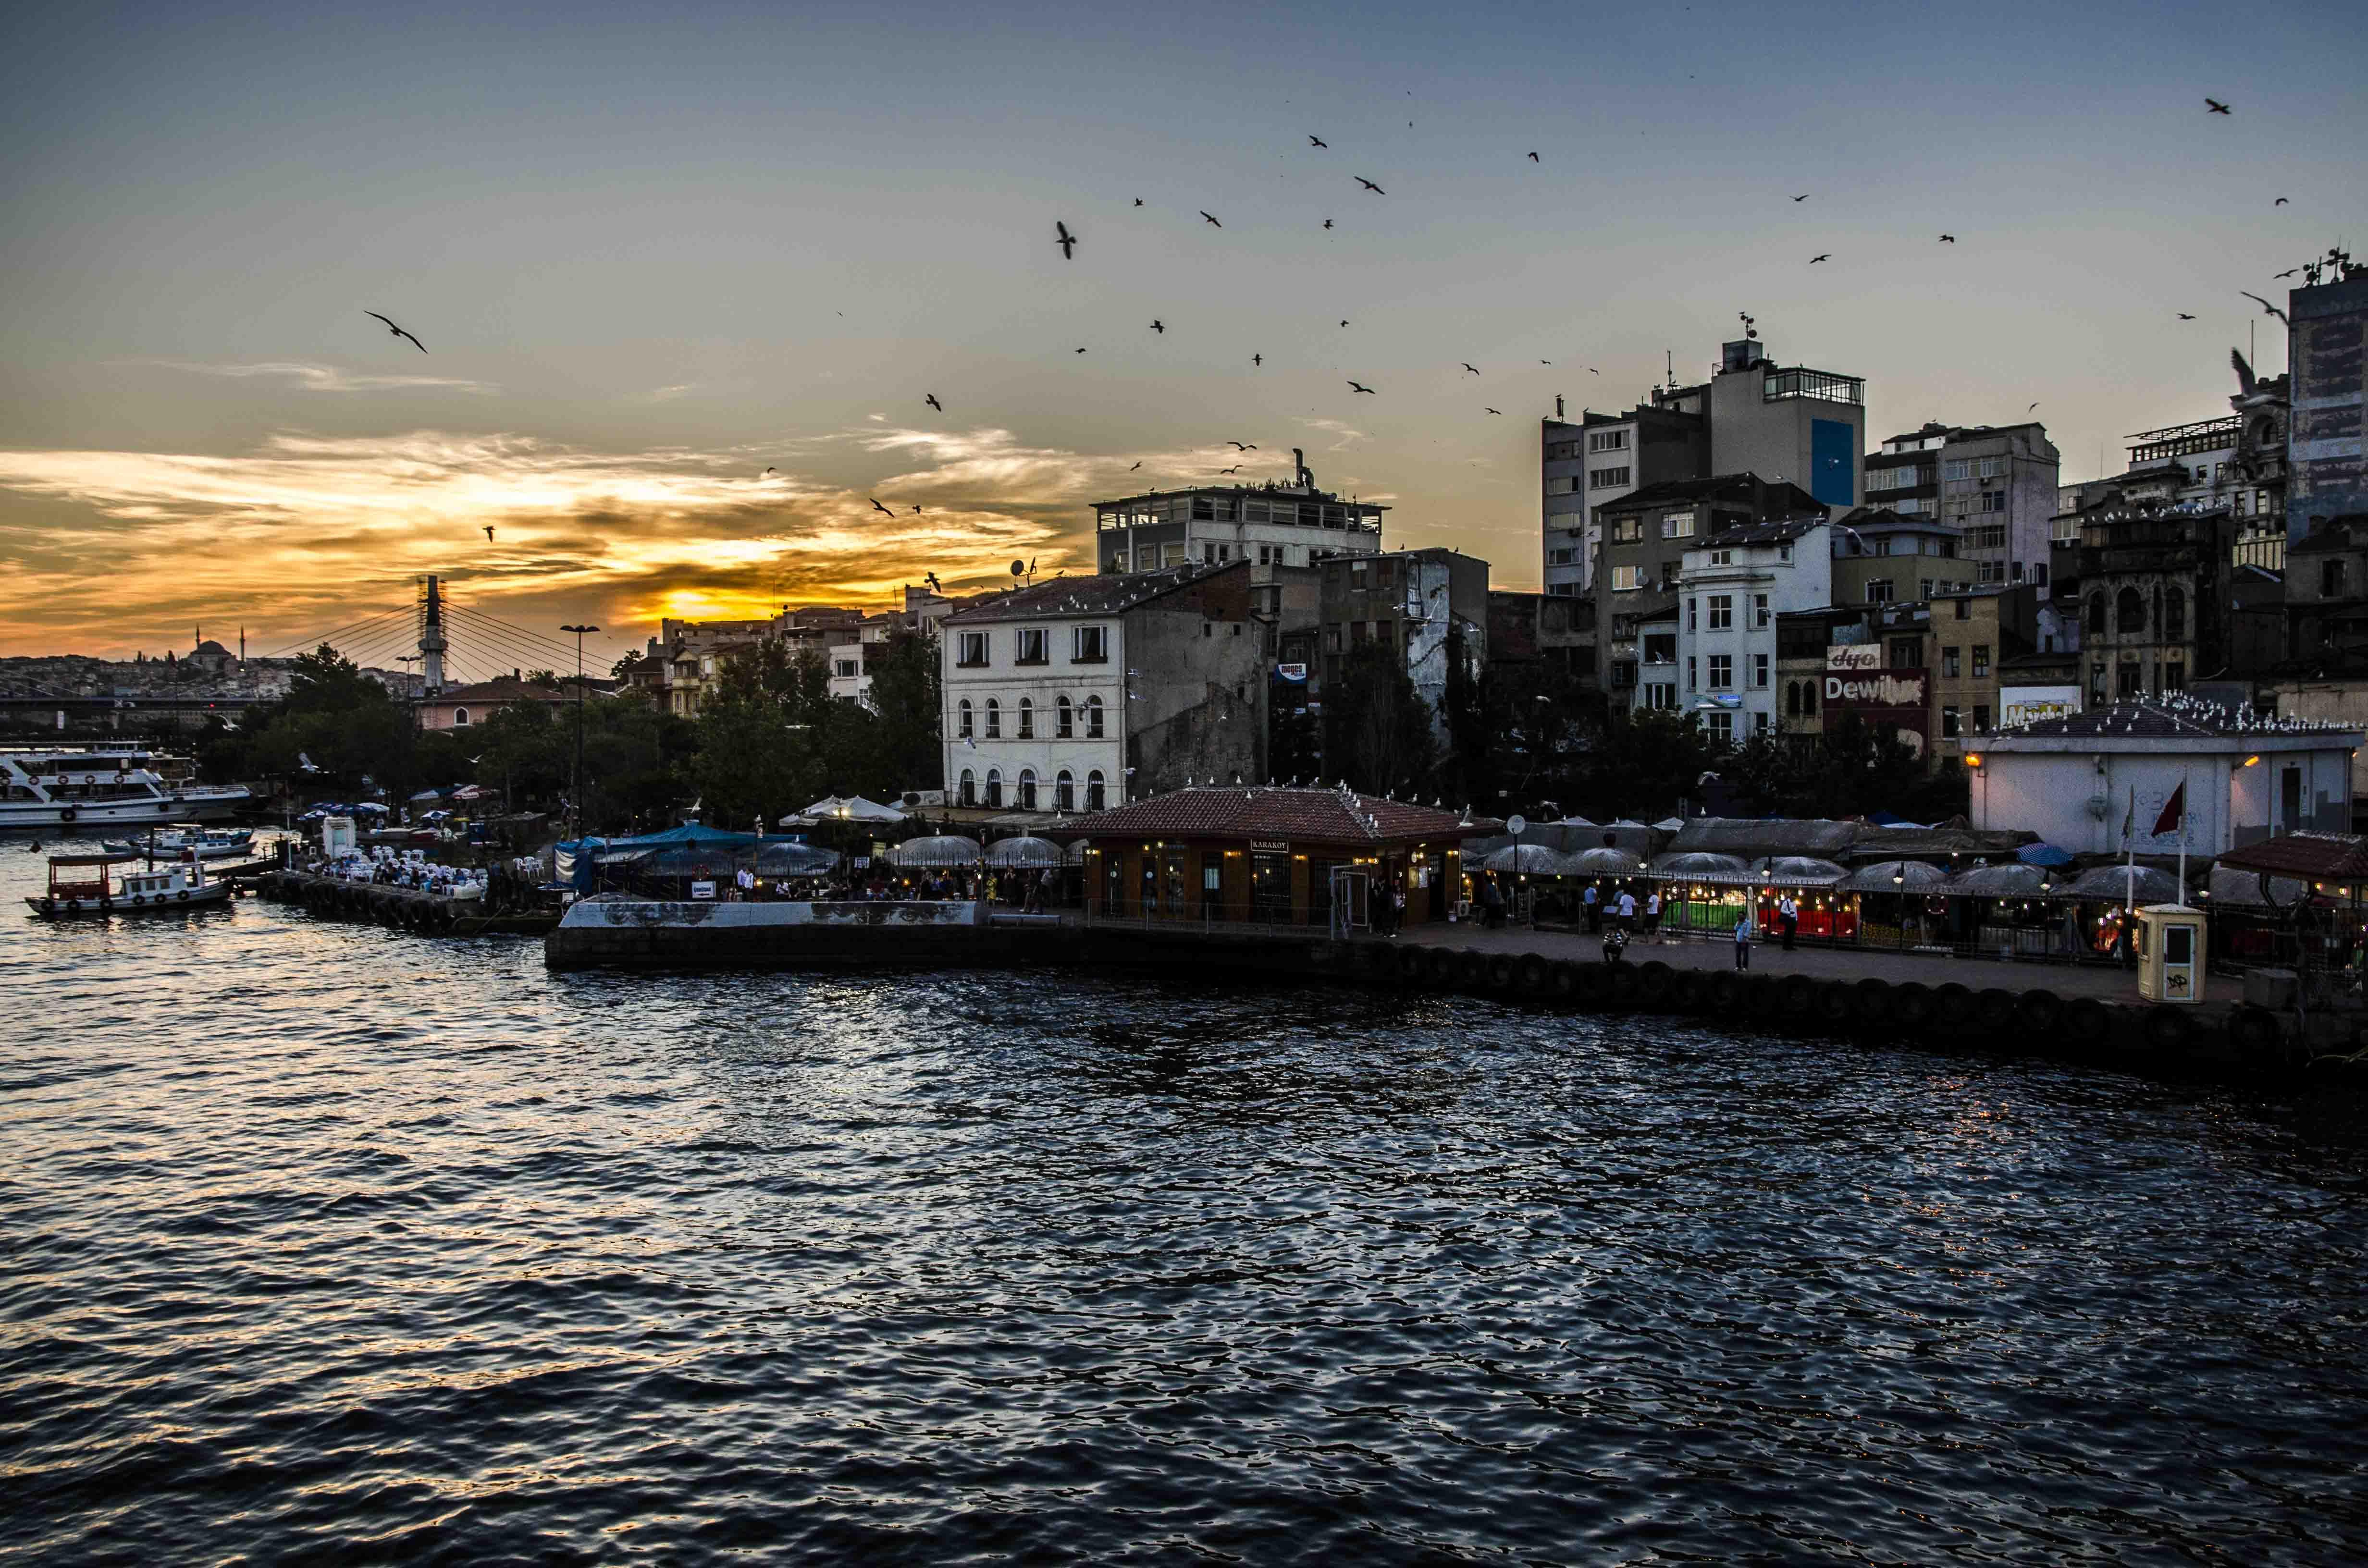 Sunset on Karakoy, fish market